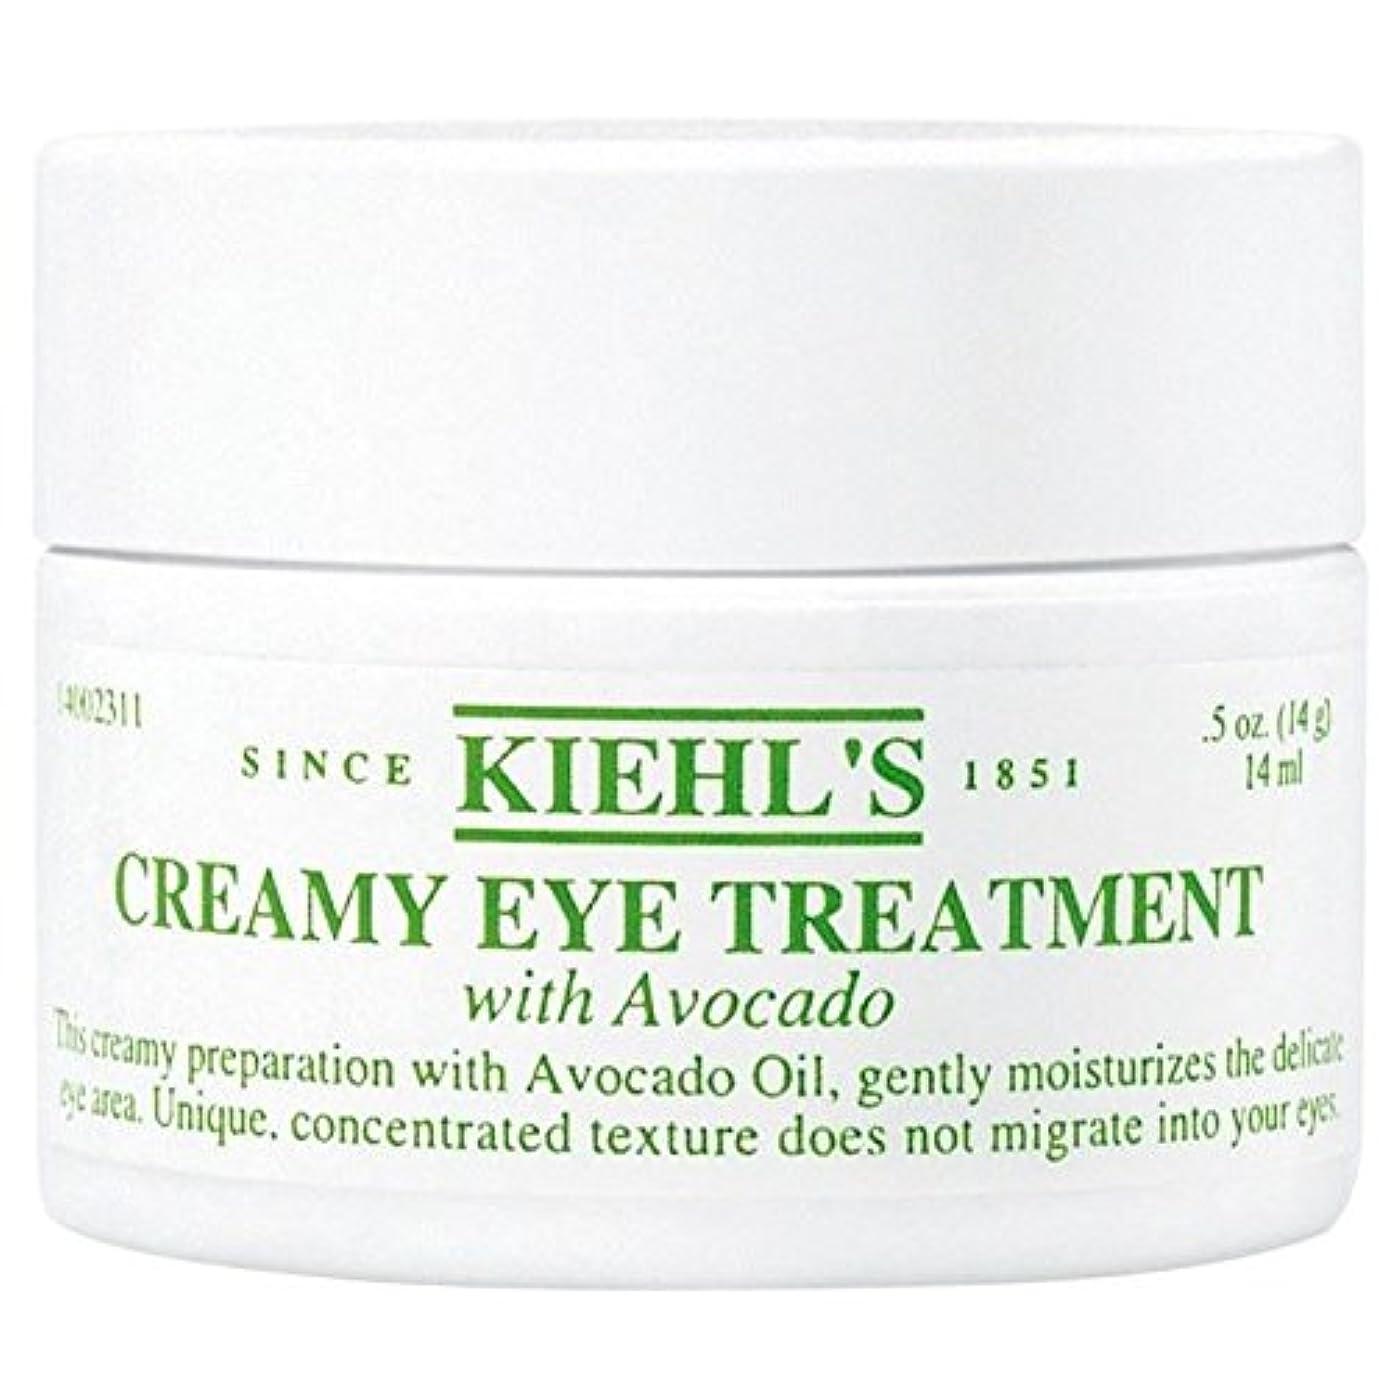 ビルマ葉を集める再発する[Kiehl's] アボカドの14ミリリットルとキールズクリーミーアイトリートメント - Kiehl's Creamy Eye Treatment With Avocado 14ml [並行輸入品]